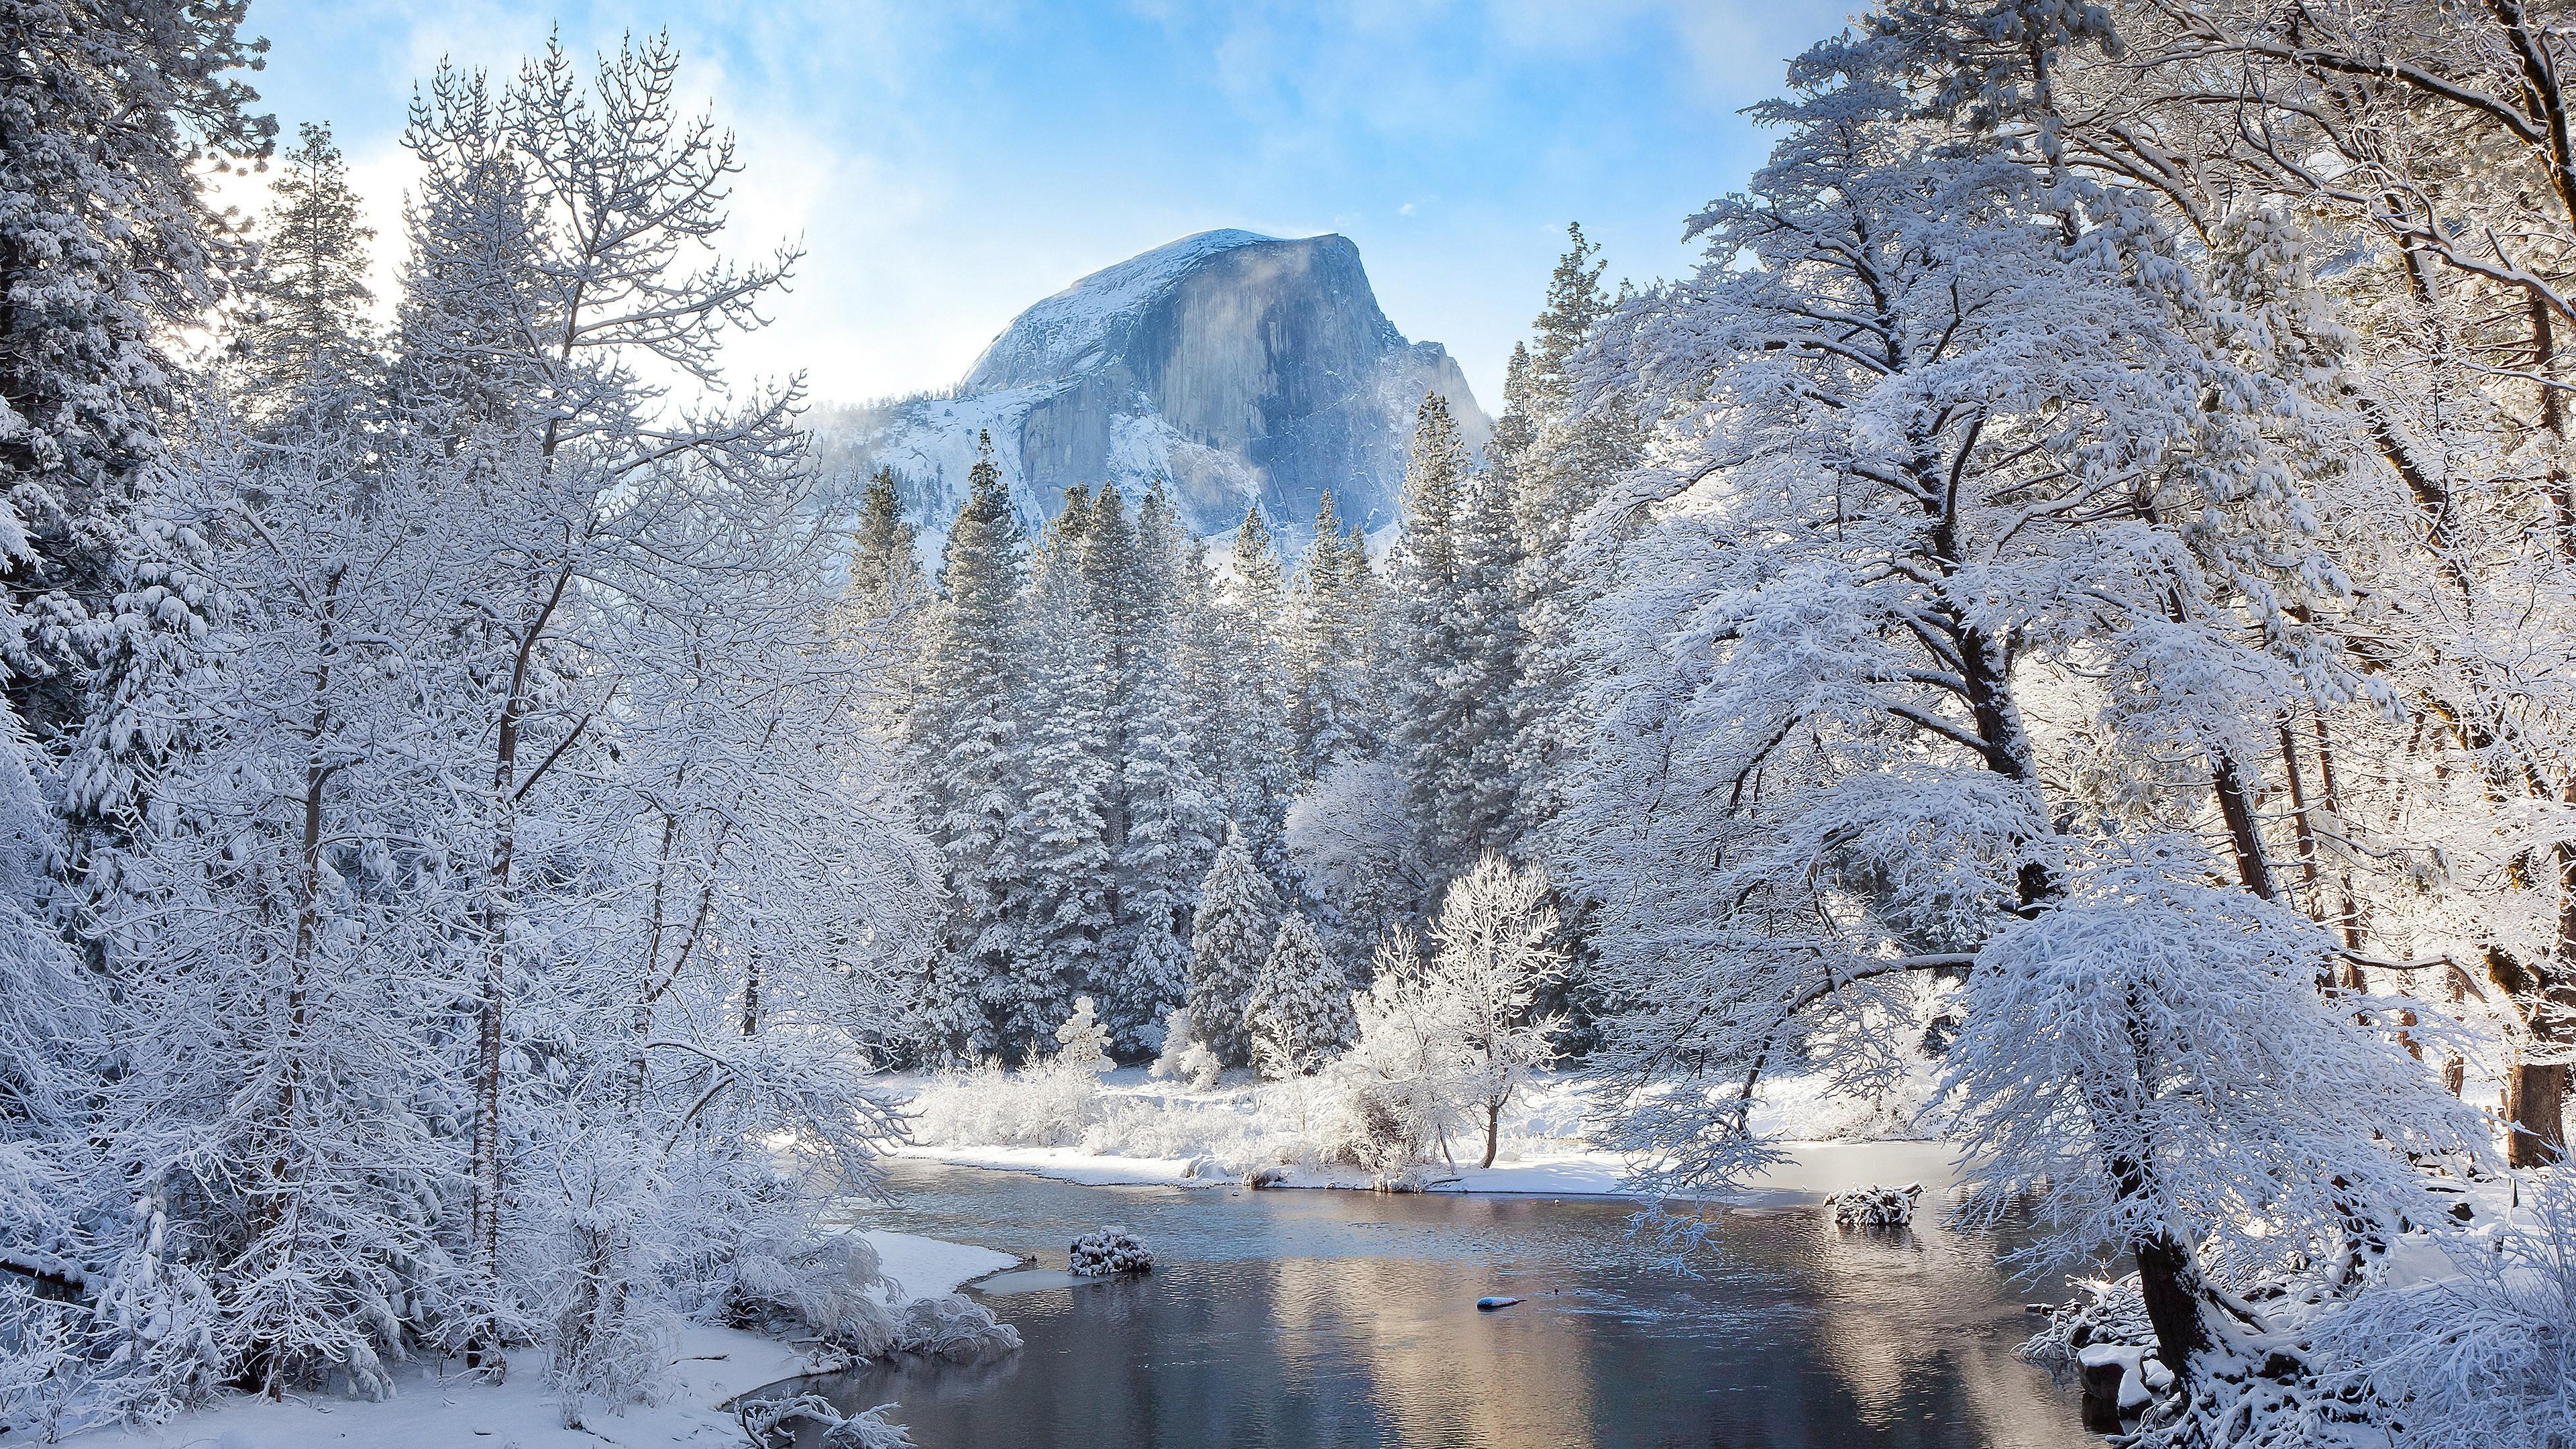 Winter Mountain Landscape 4k Ultra Hd Wallpaper Background